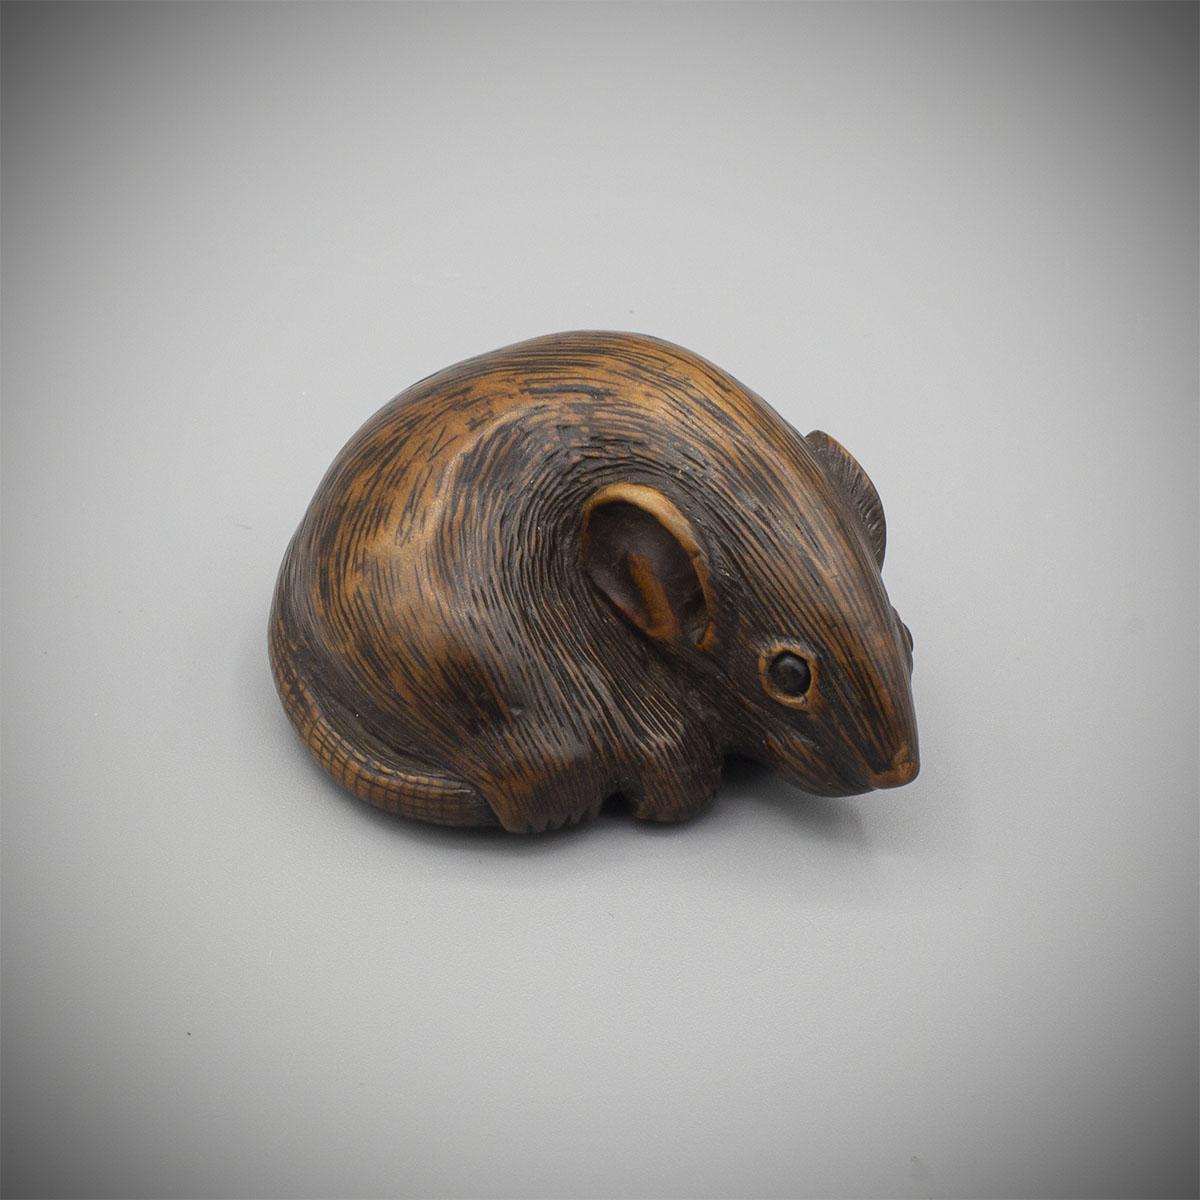 MR3851_v.1 Wood netsuke of a rat by Katada (Kachu)